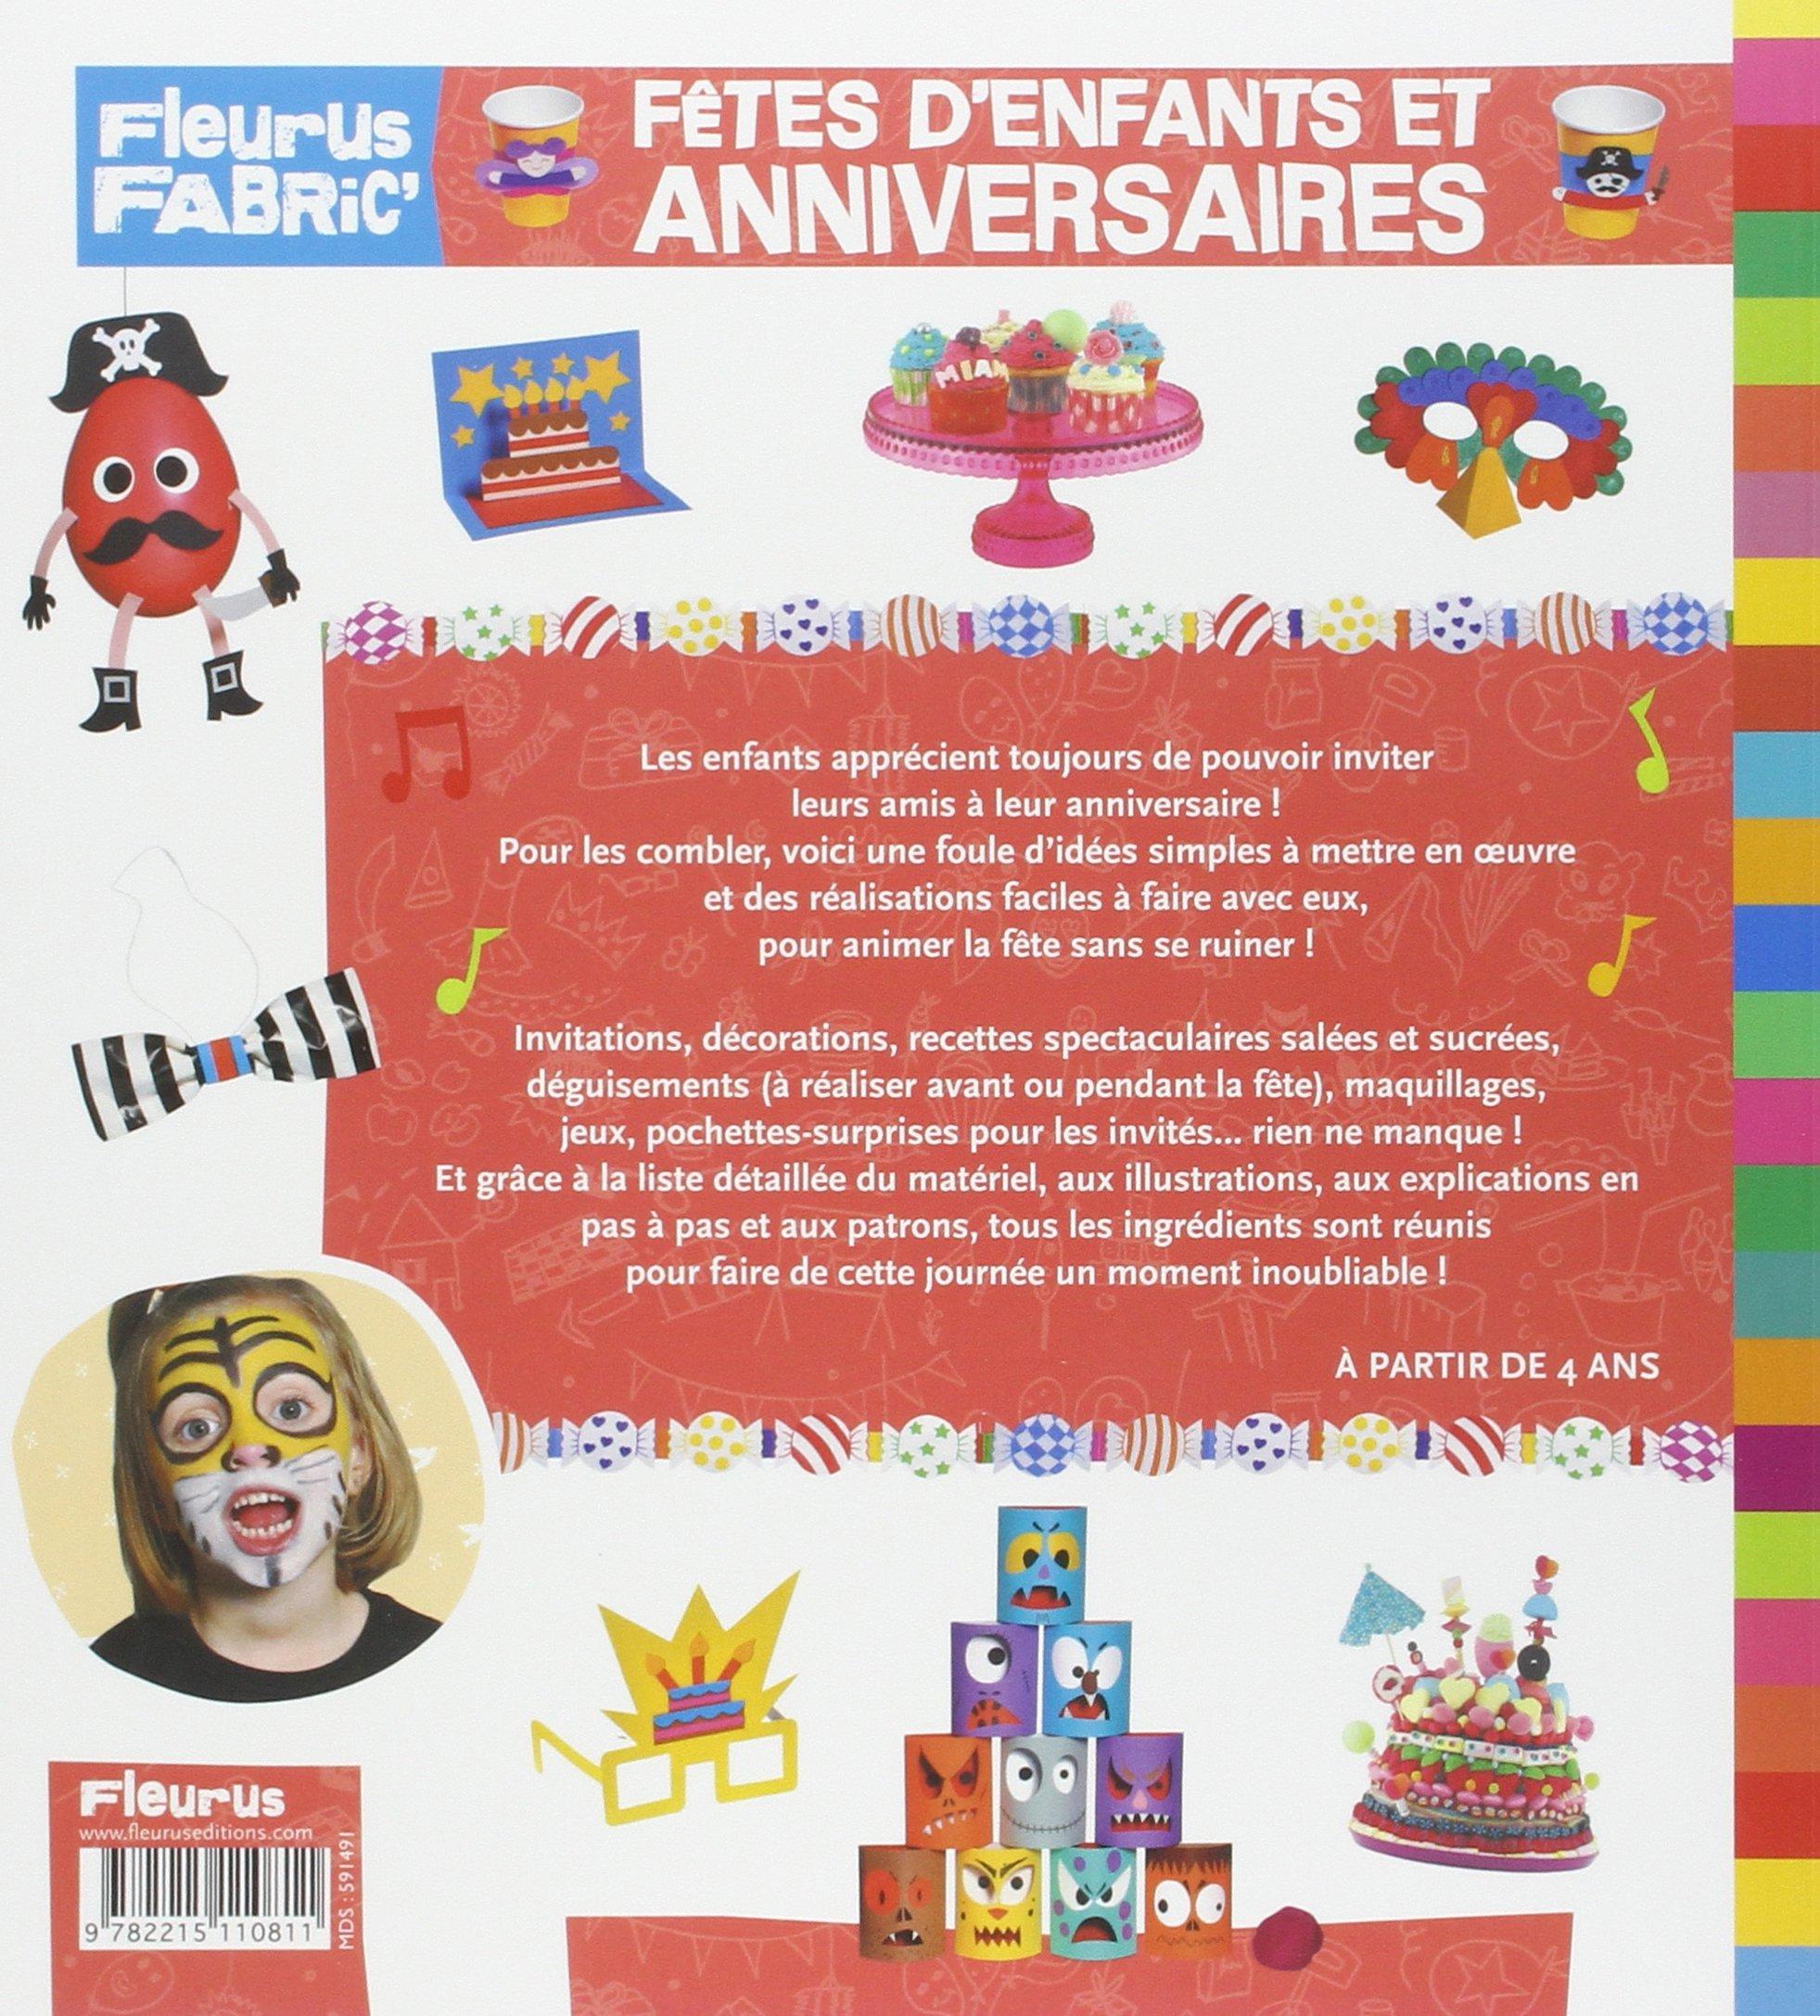 Amazon.fr - Fêtes d'enfants et anniversaires - Christophe Boncens, Mayumi  Jezewski, Hélène Manche, Dominique Santrot - Livres